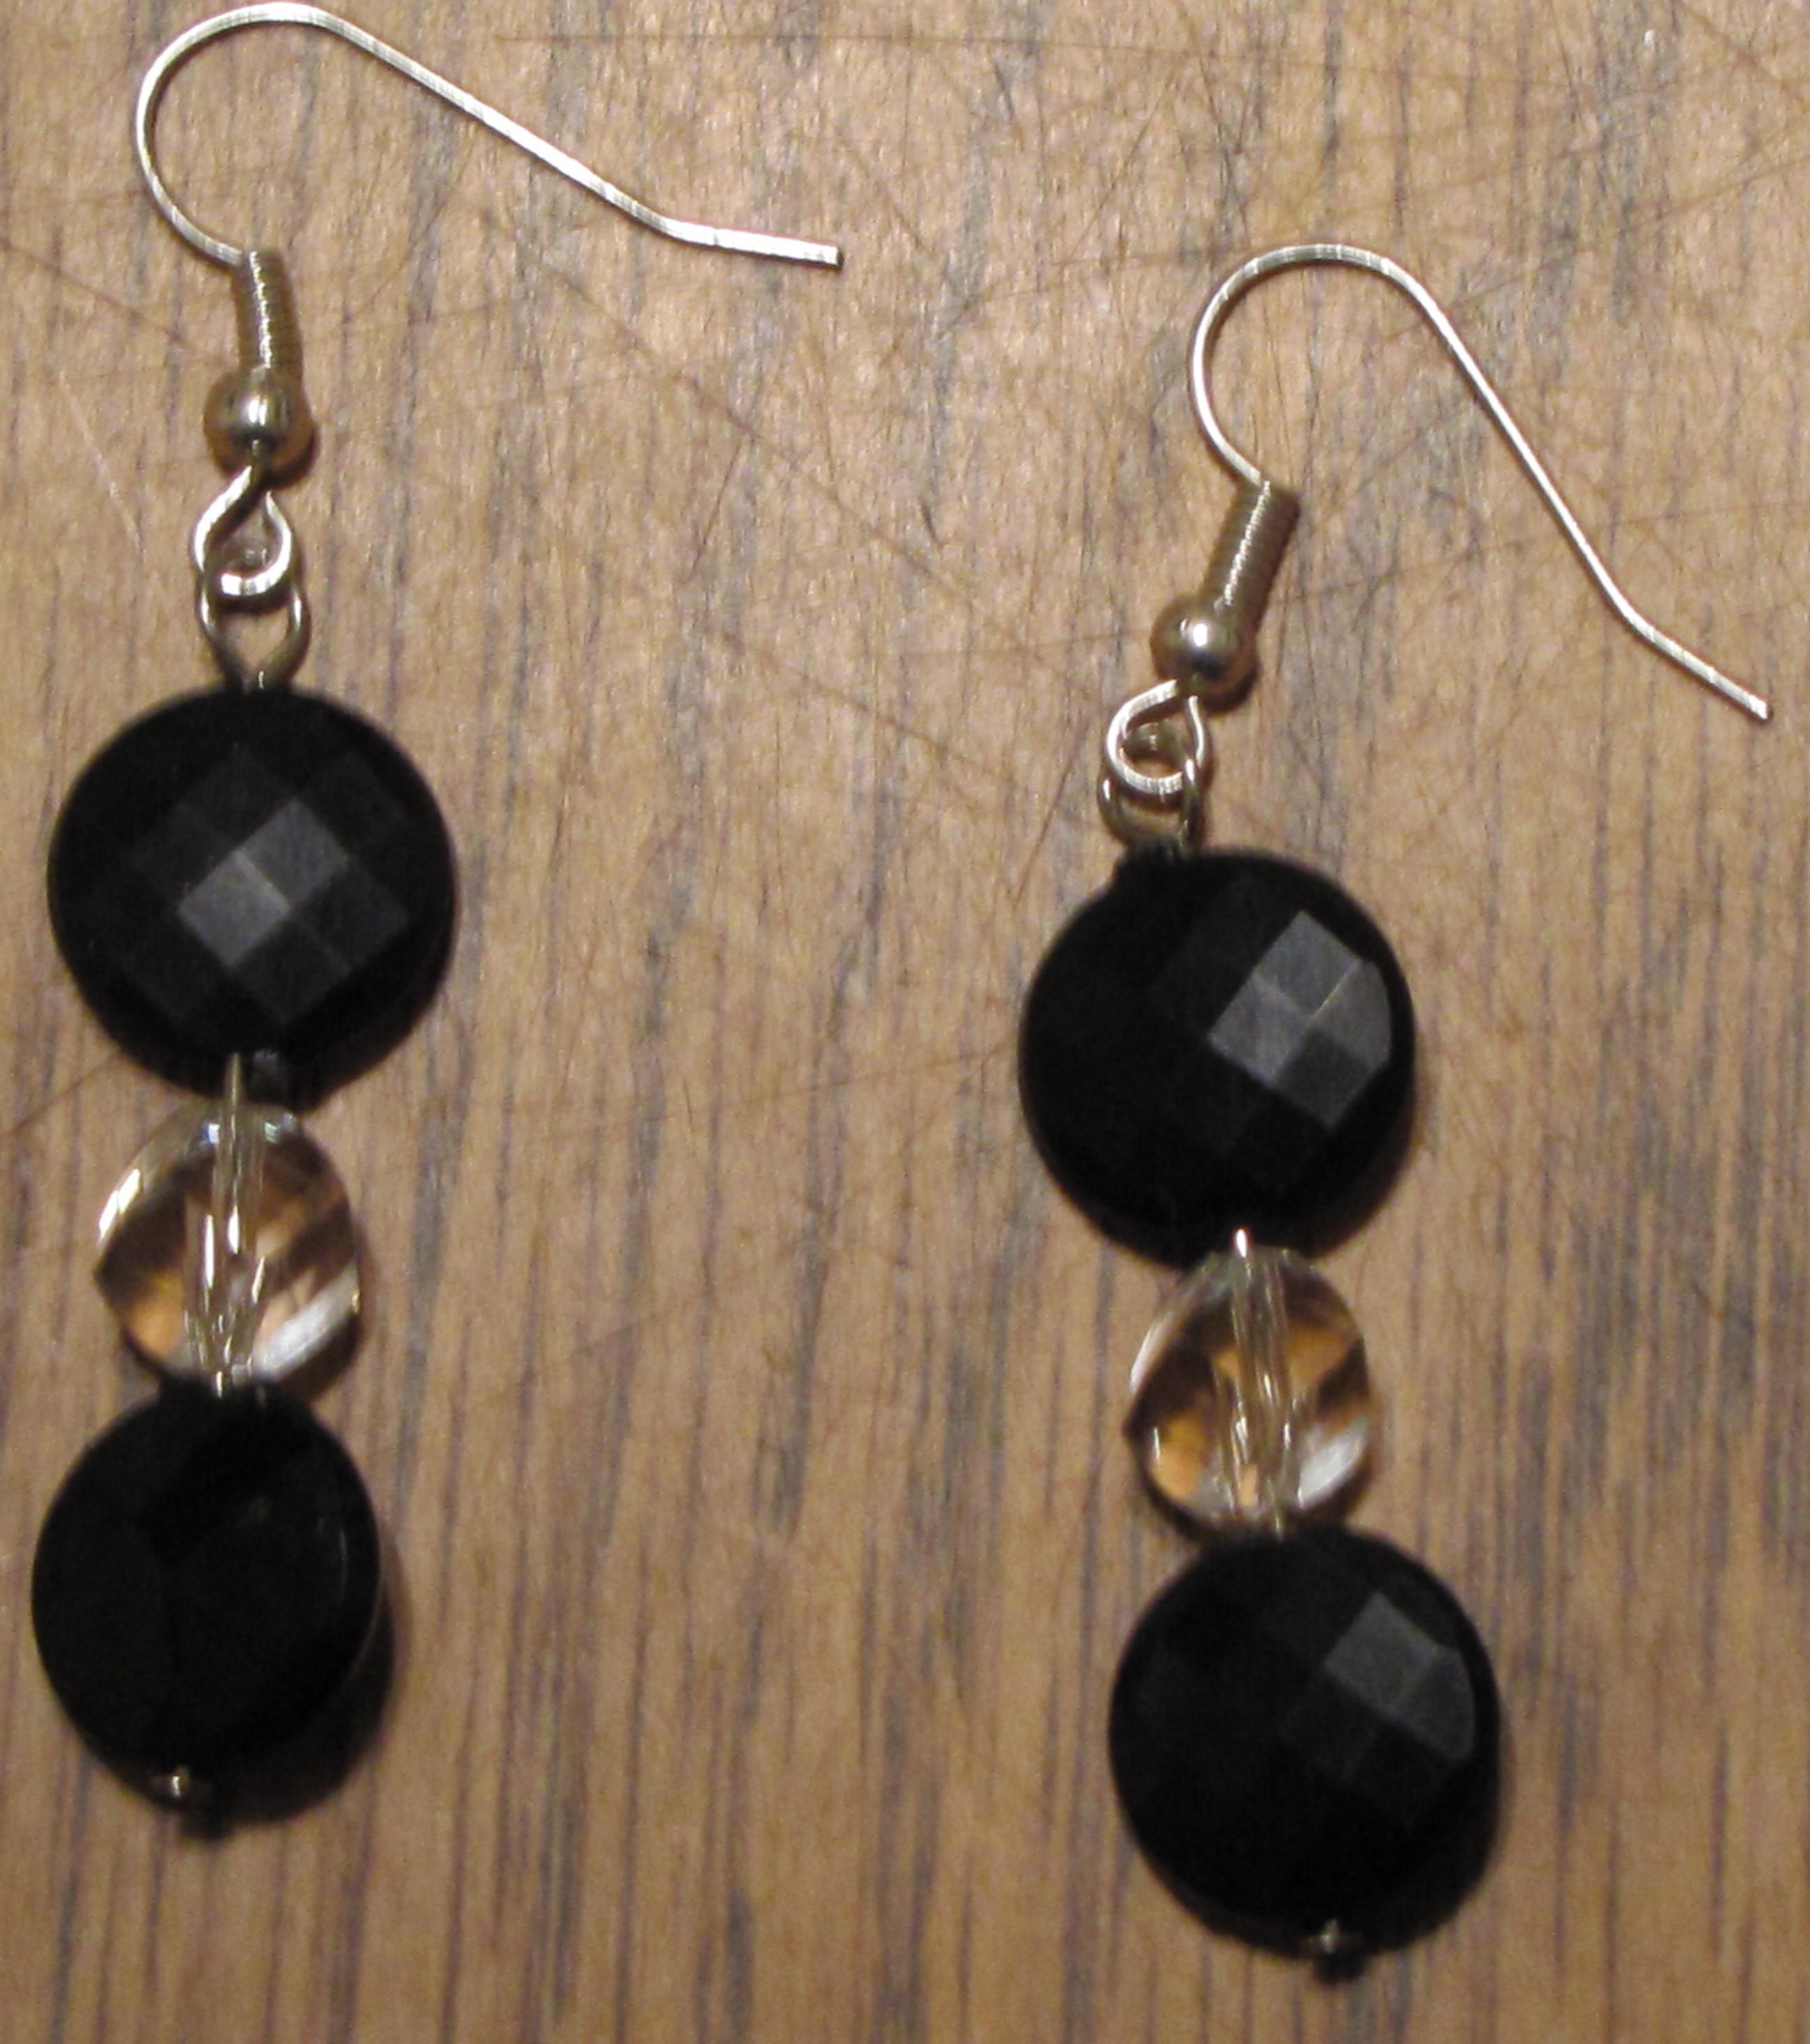 Black, Crystal earrings